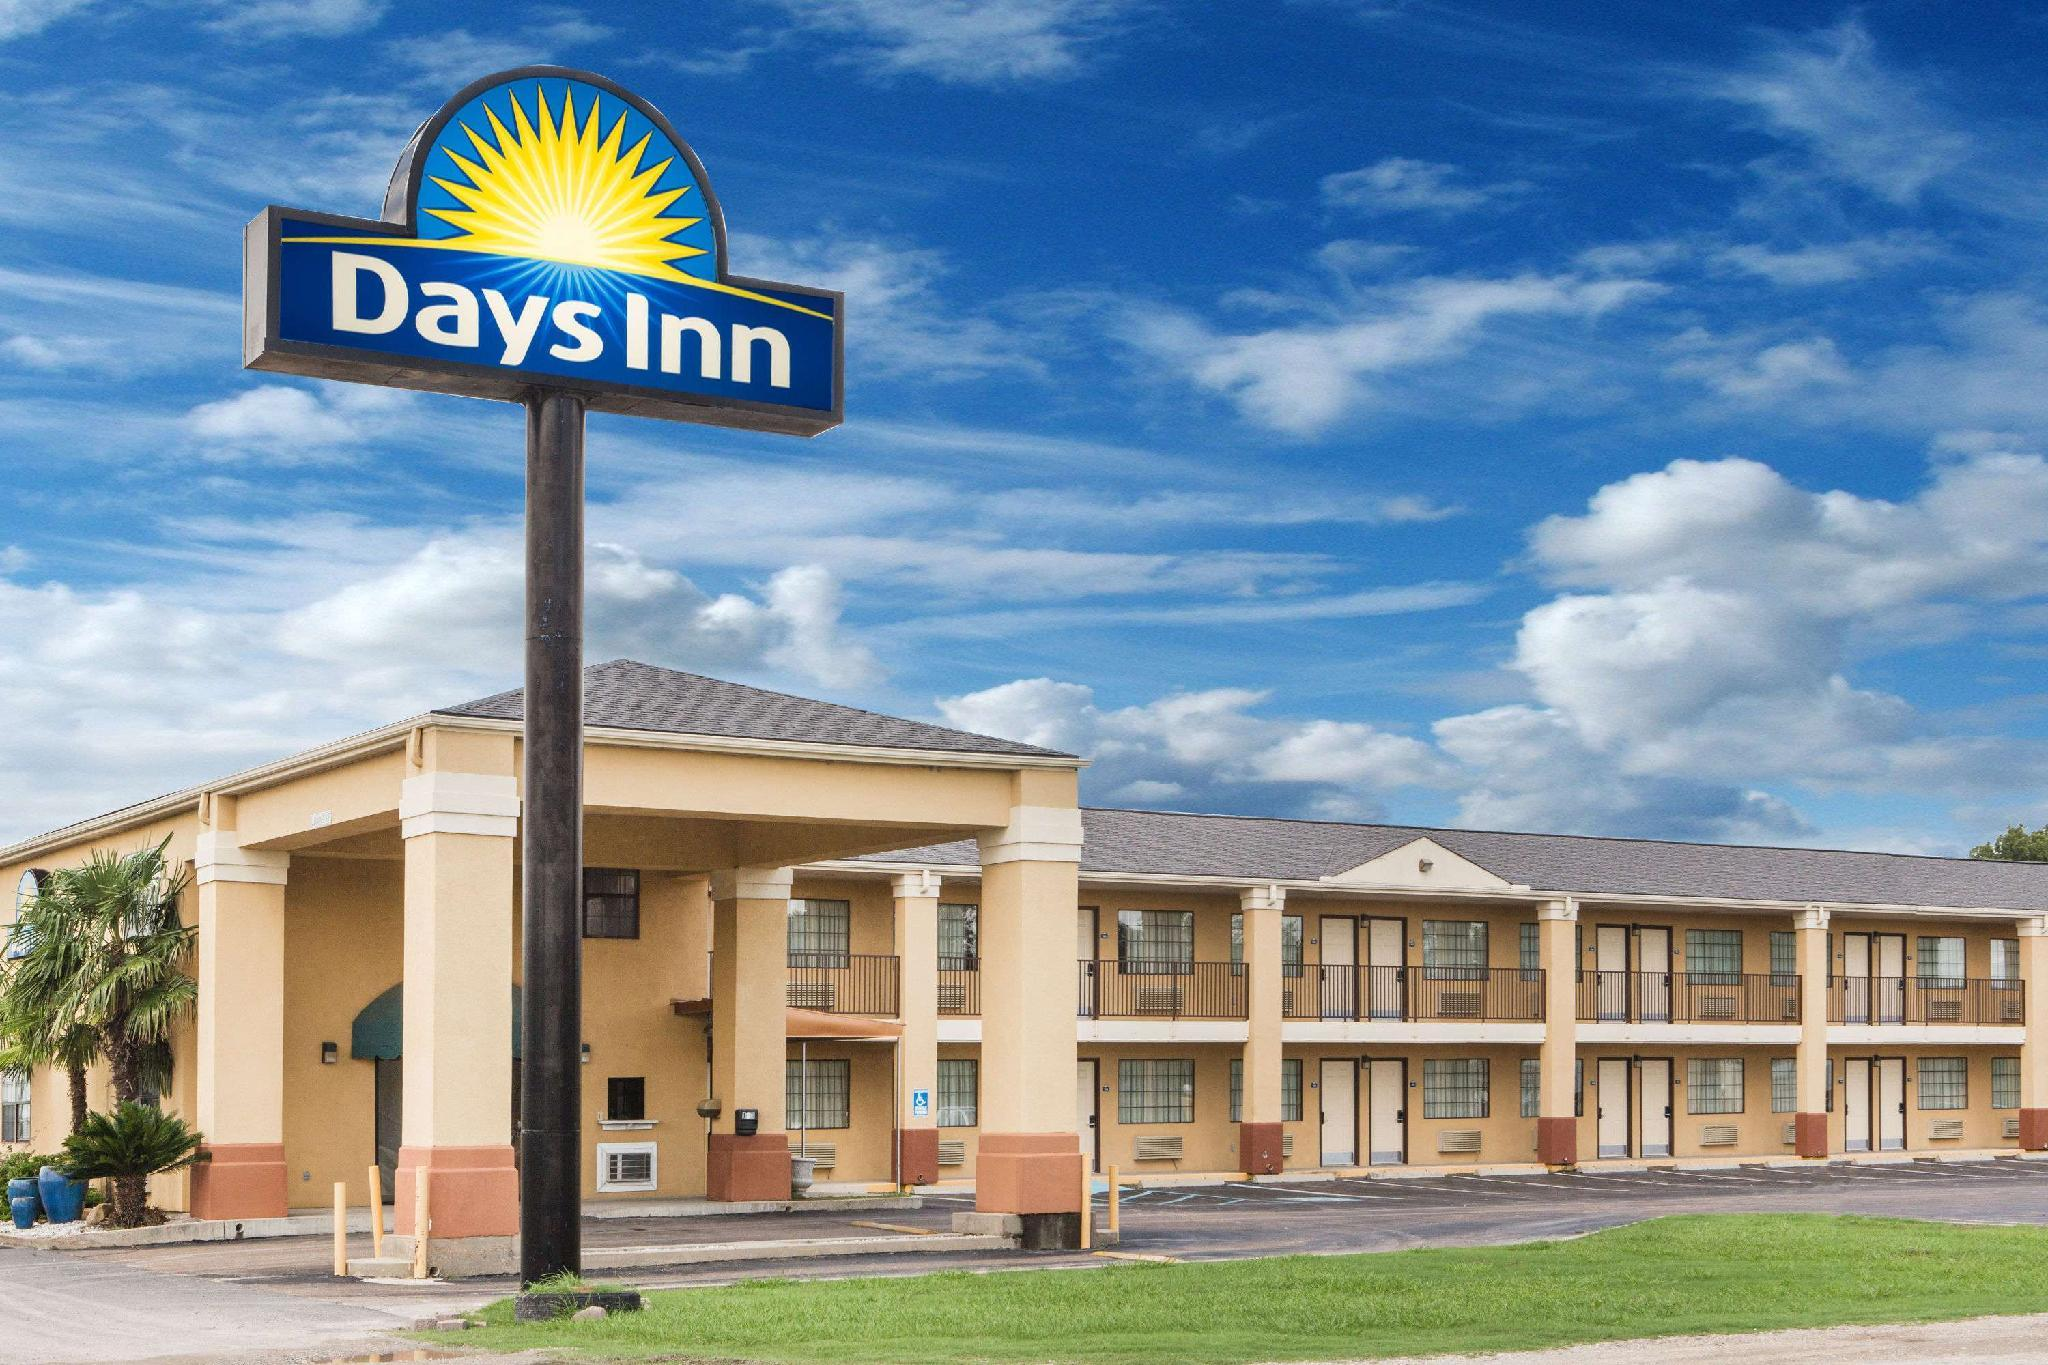 Days Inn By Wyndham Tallulah